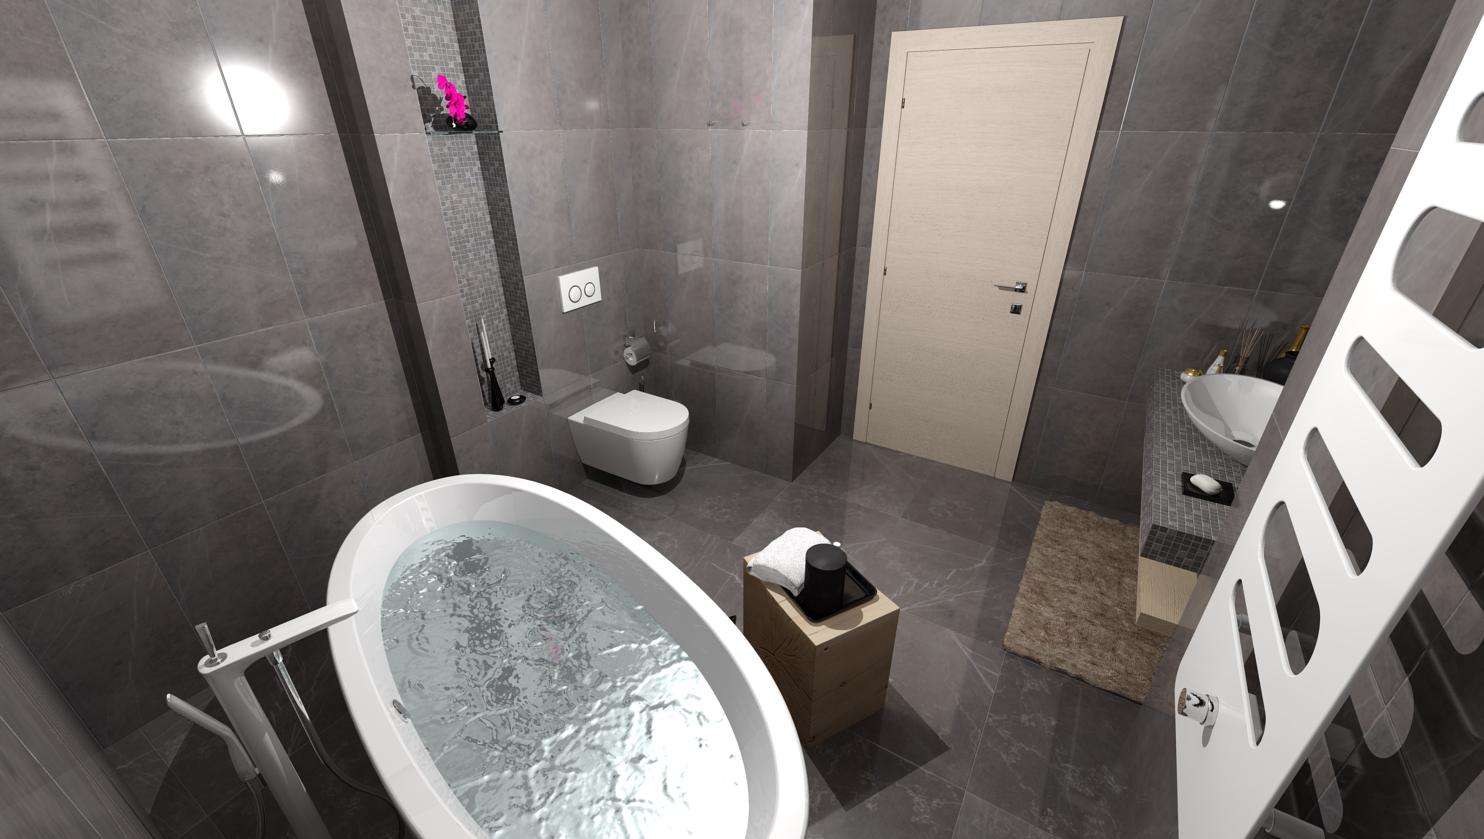 Návrhy a vizualizácie kúpeľní - Vizualizácia kúpeľne DELUXE DARK - www.beneva.sk